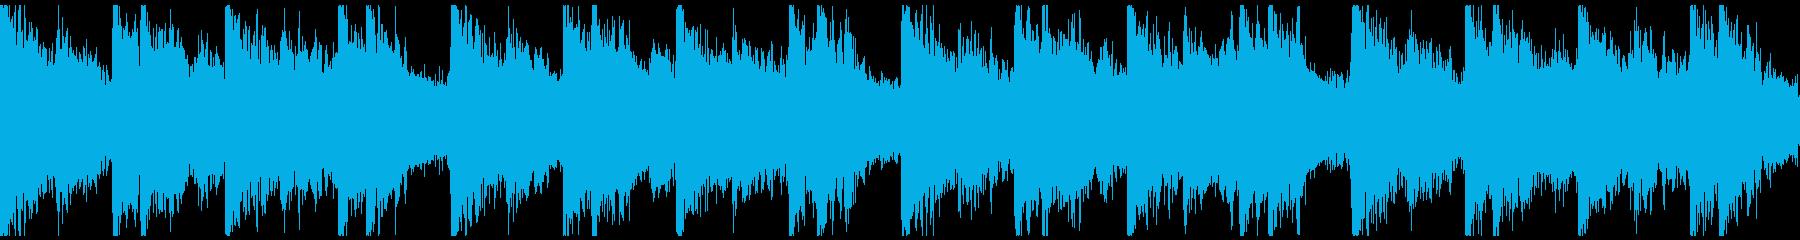 勇壮クラップ&ストンプのロック/ループの再生済みの波形